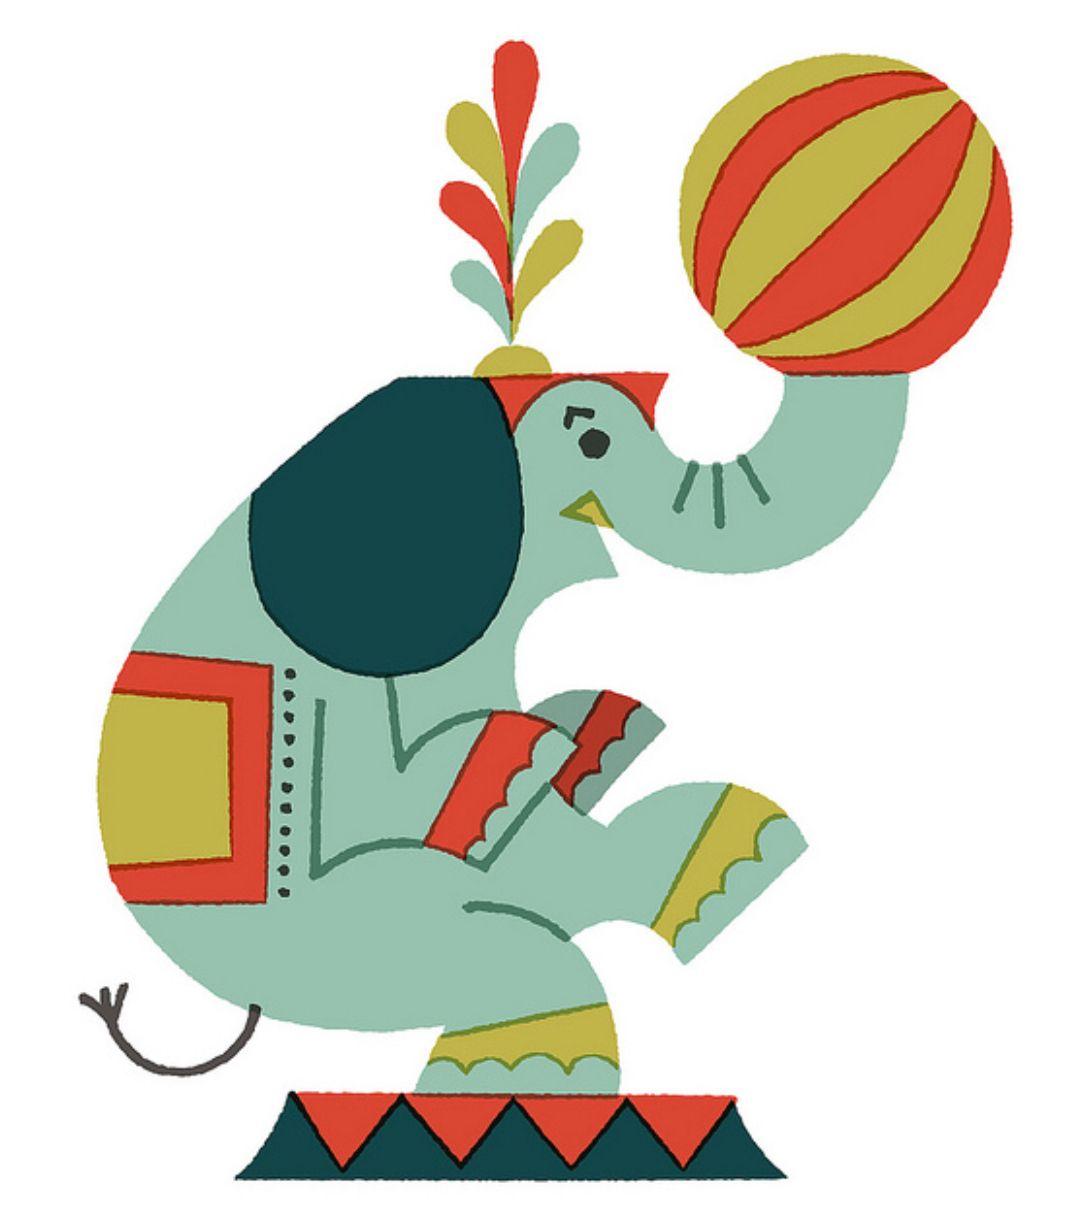 Circus Elephant By Satake Shunsuke | ILLUSTRATION | Pinterest